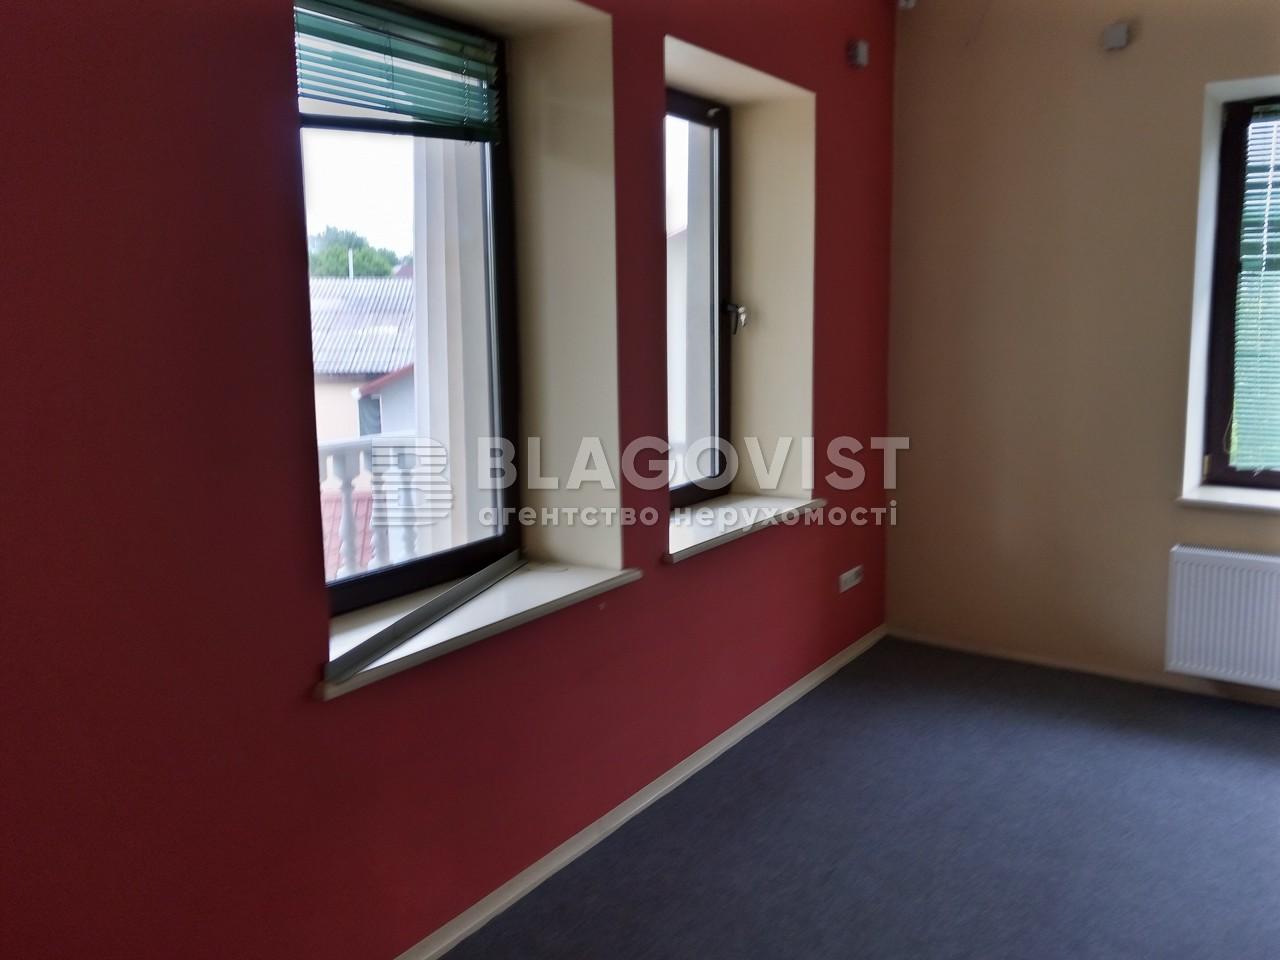 Будинок R-40483, Монтажників, Київ - Фото 12